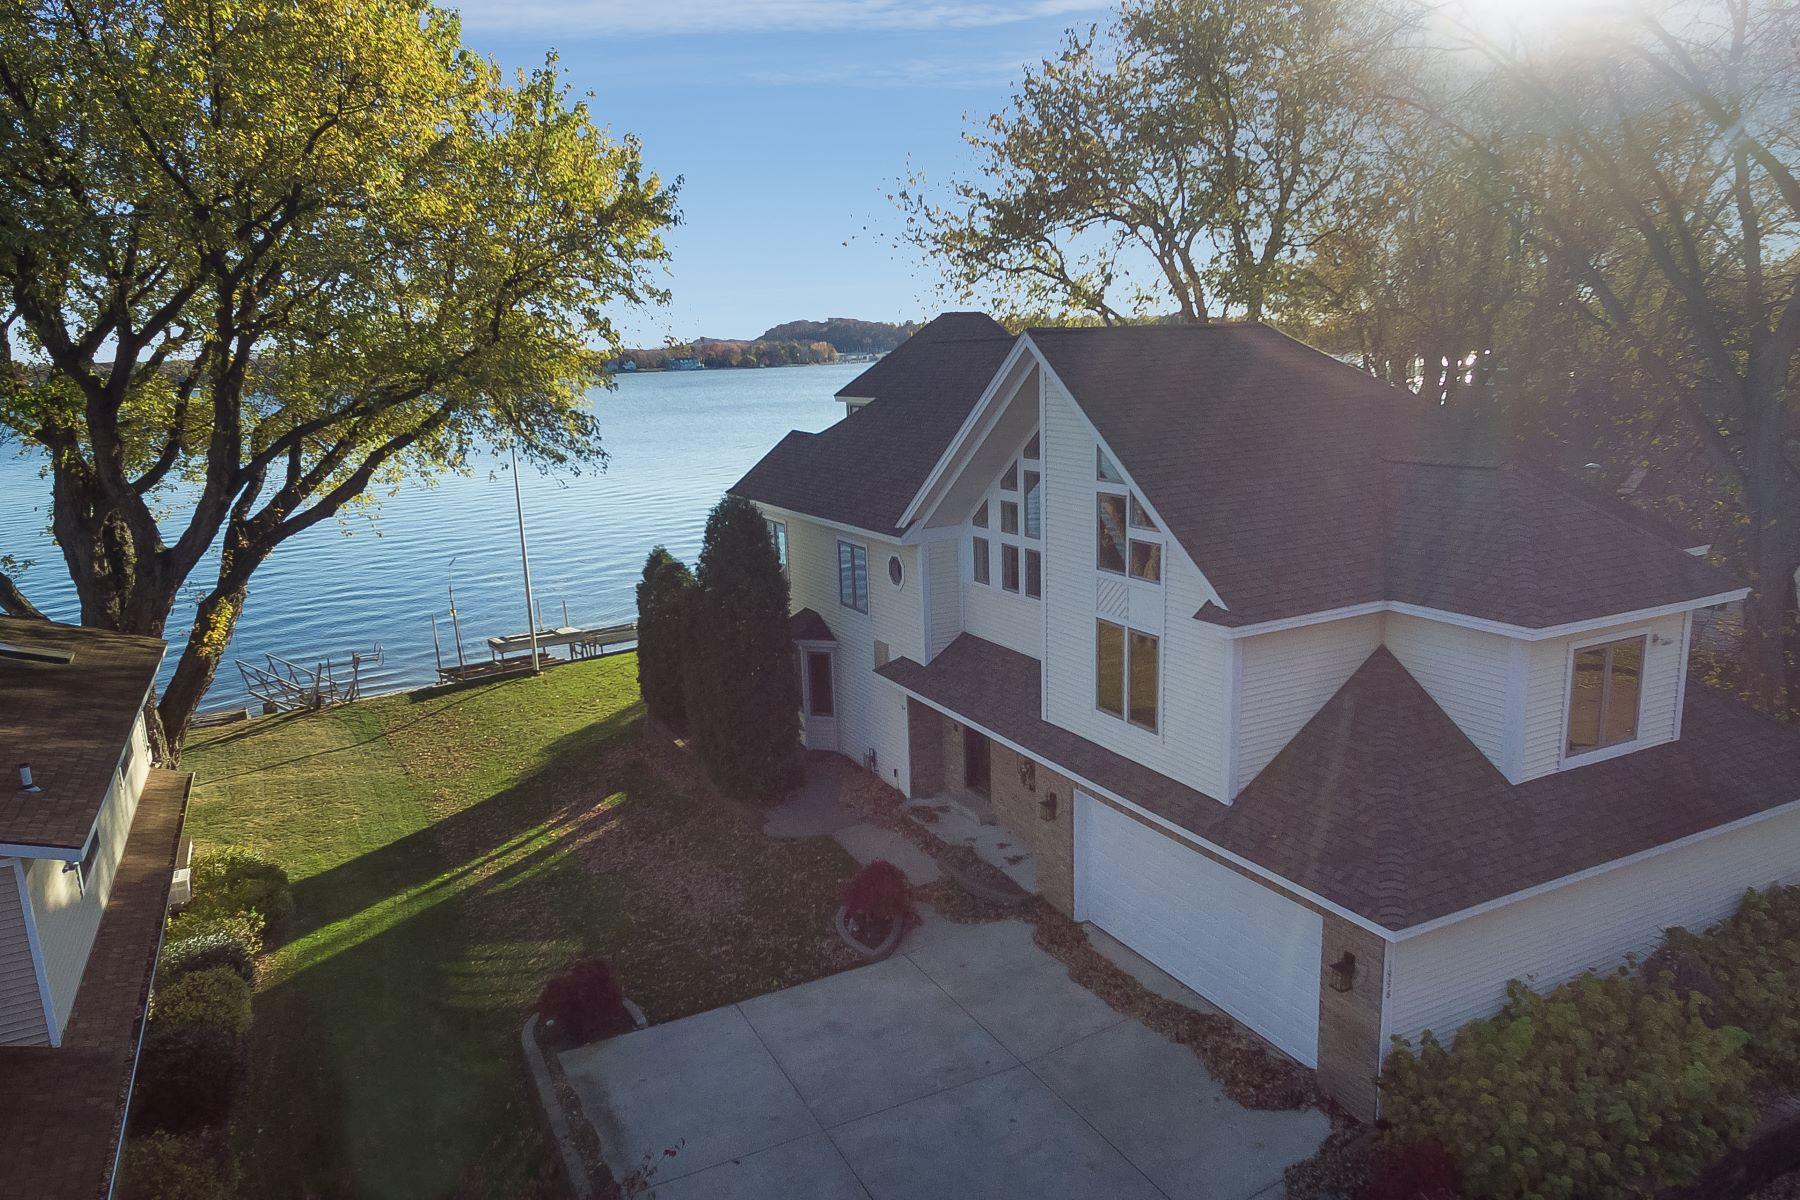 一戸建て のために 売買 アット Custom Home Built With Spectacular Views Of Lake Macatawa 1998 Lake Street Holland, ミシガン, 49424 アメリカ合衆国